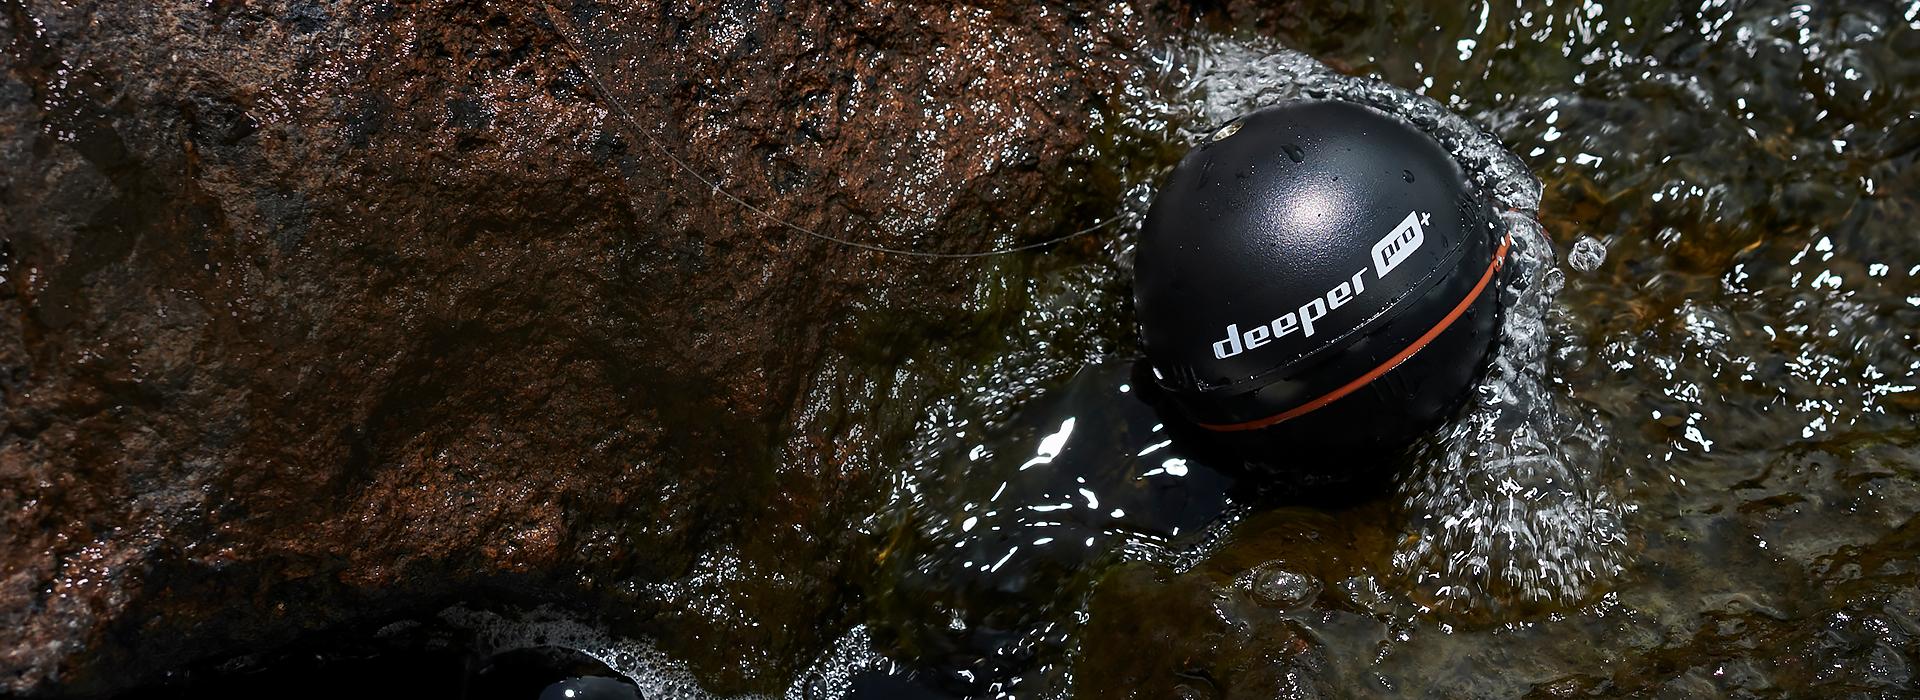 Pripremite se za sljedeći val ribolova!Nabavite sonar Deeper od 1.489,00 kn